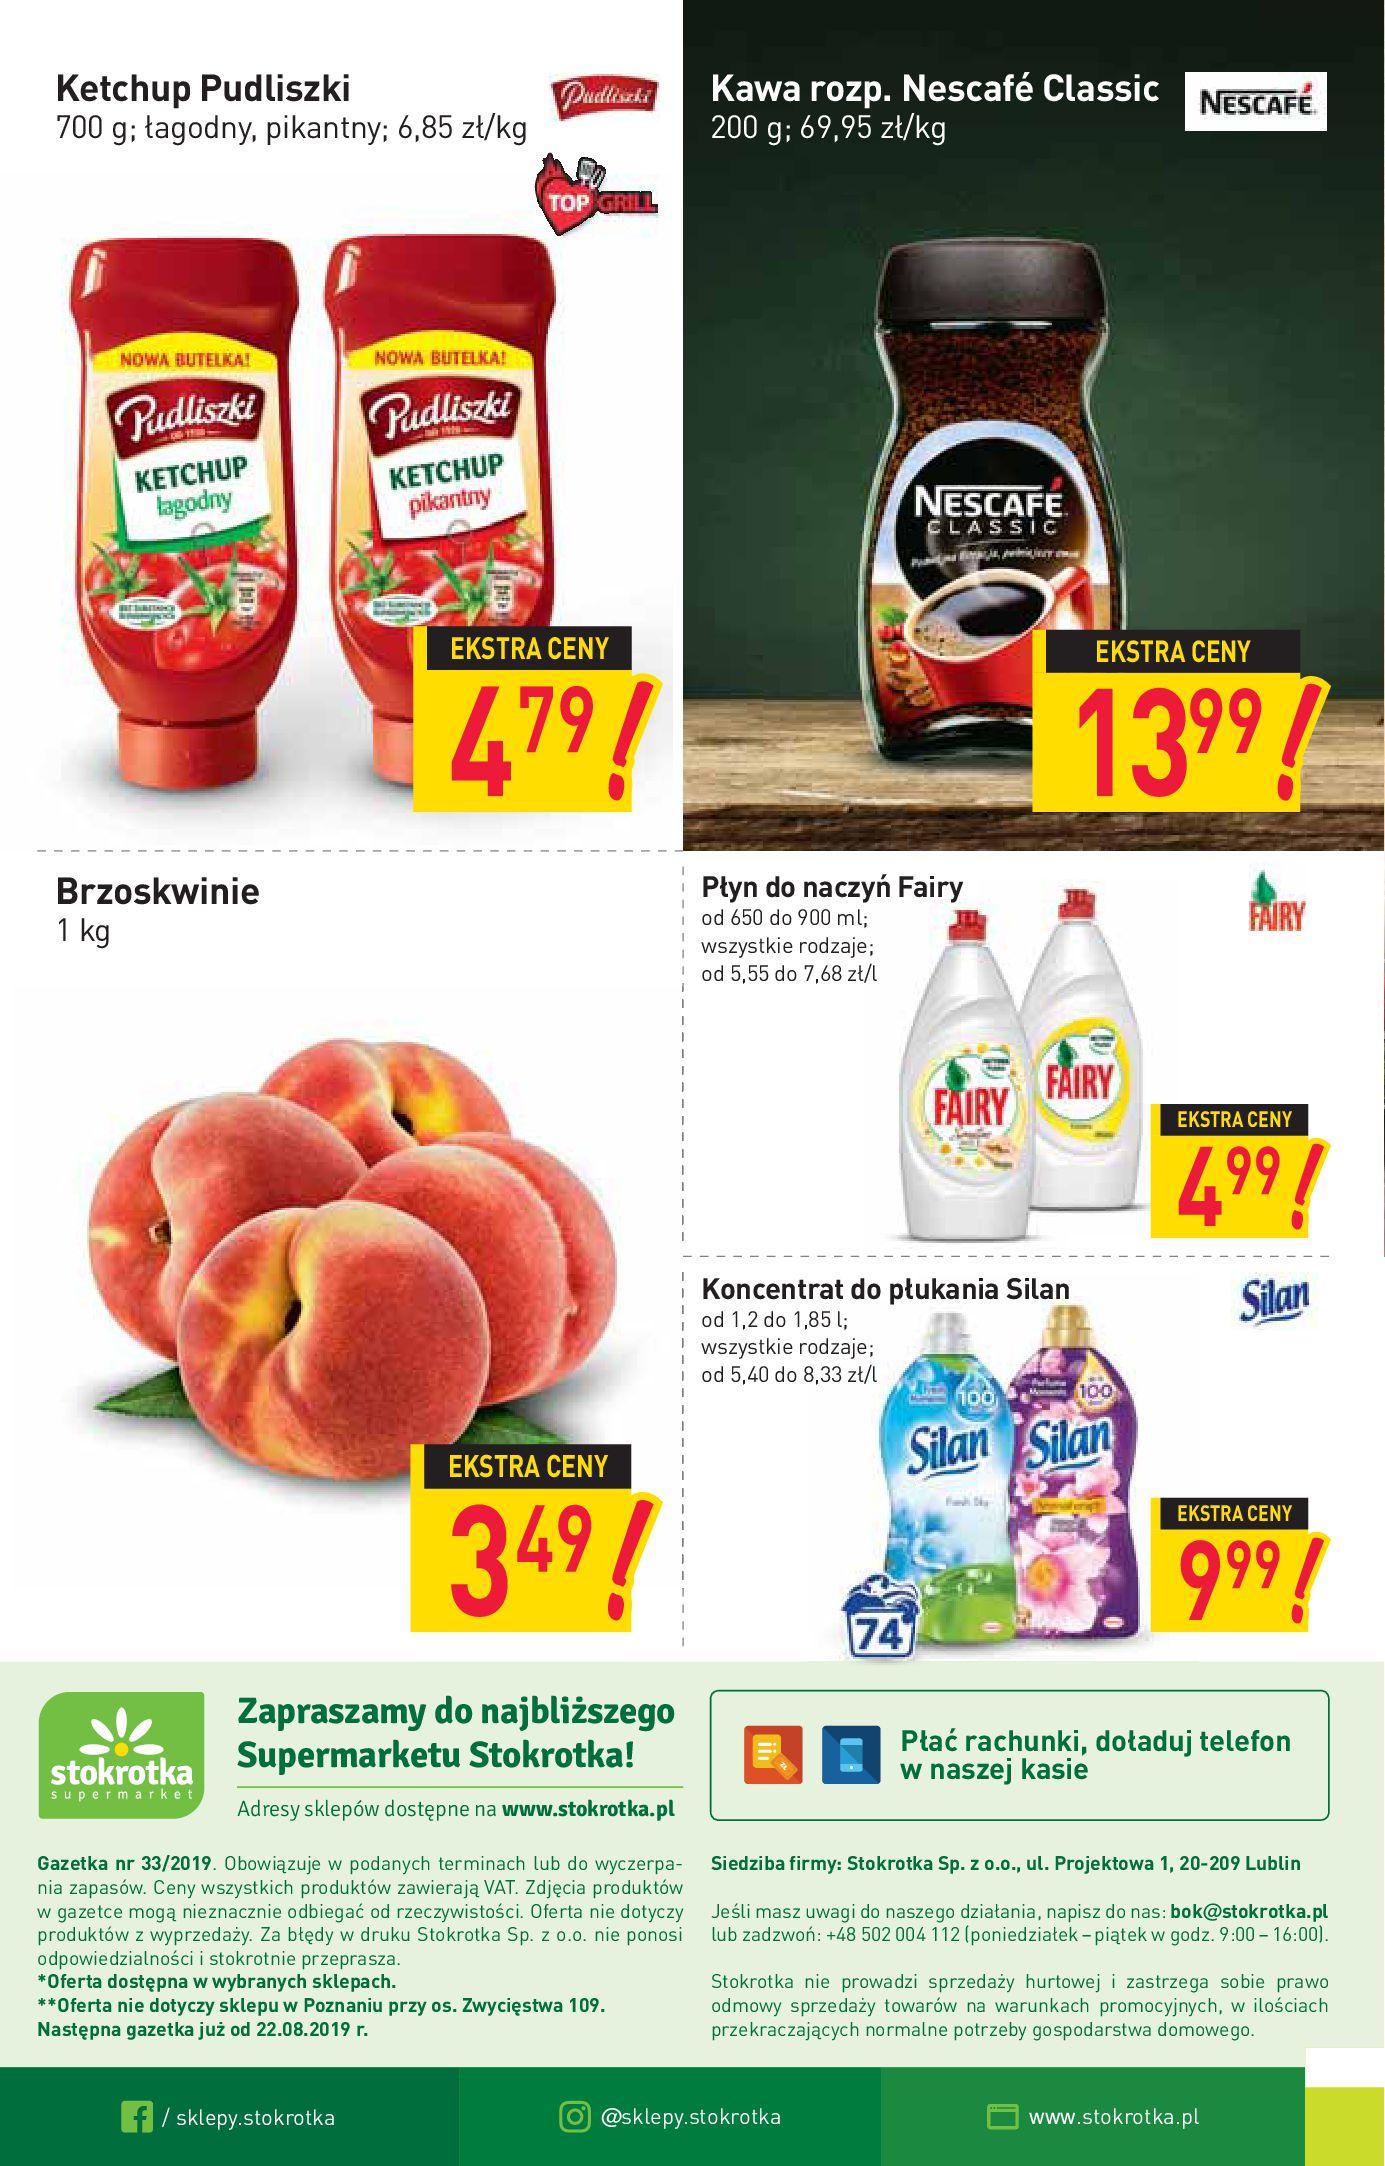 Gazetka Stokrotka Supermarket - Gazetka supermarket-13.08.2019-21.08.2019-page-16